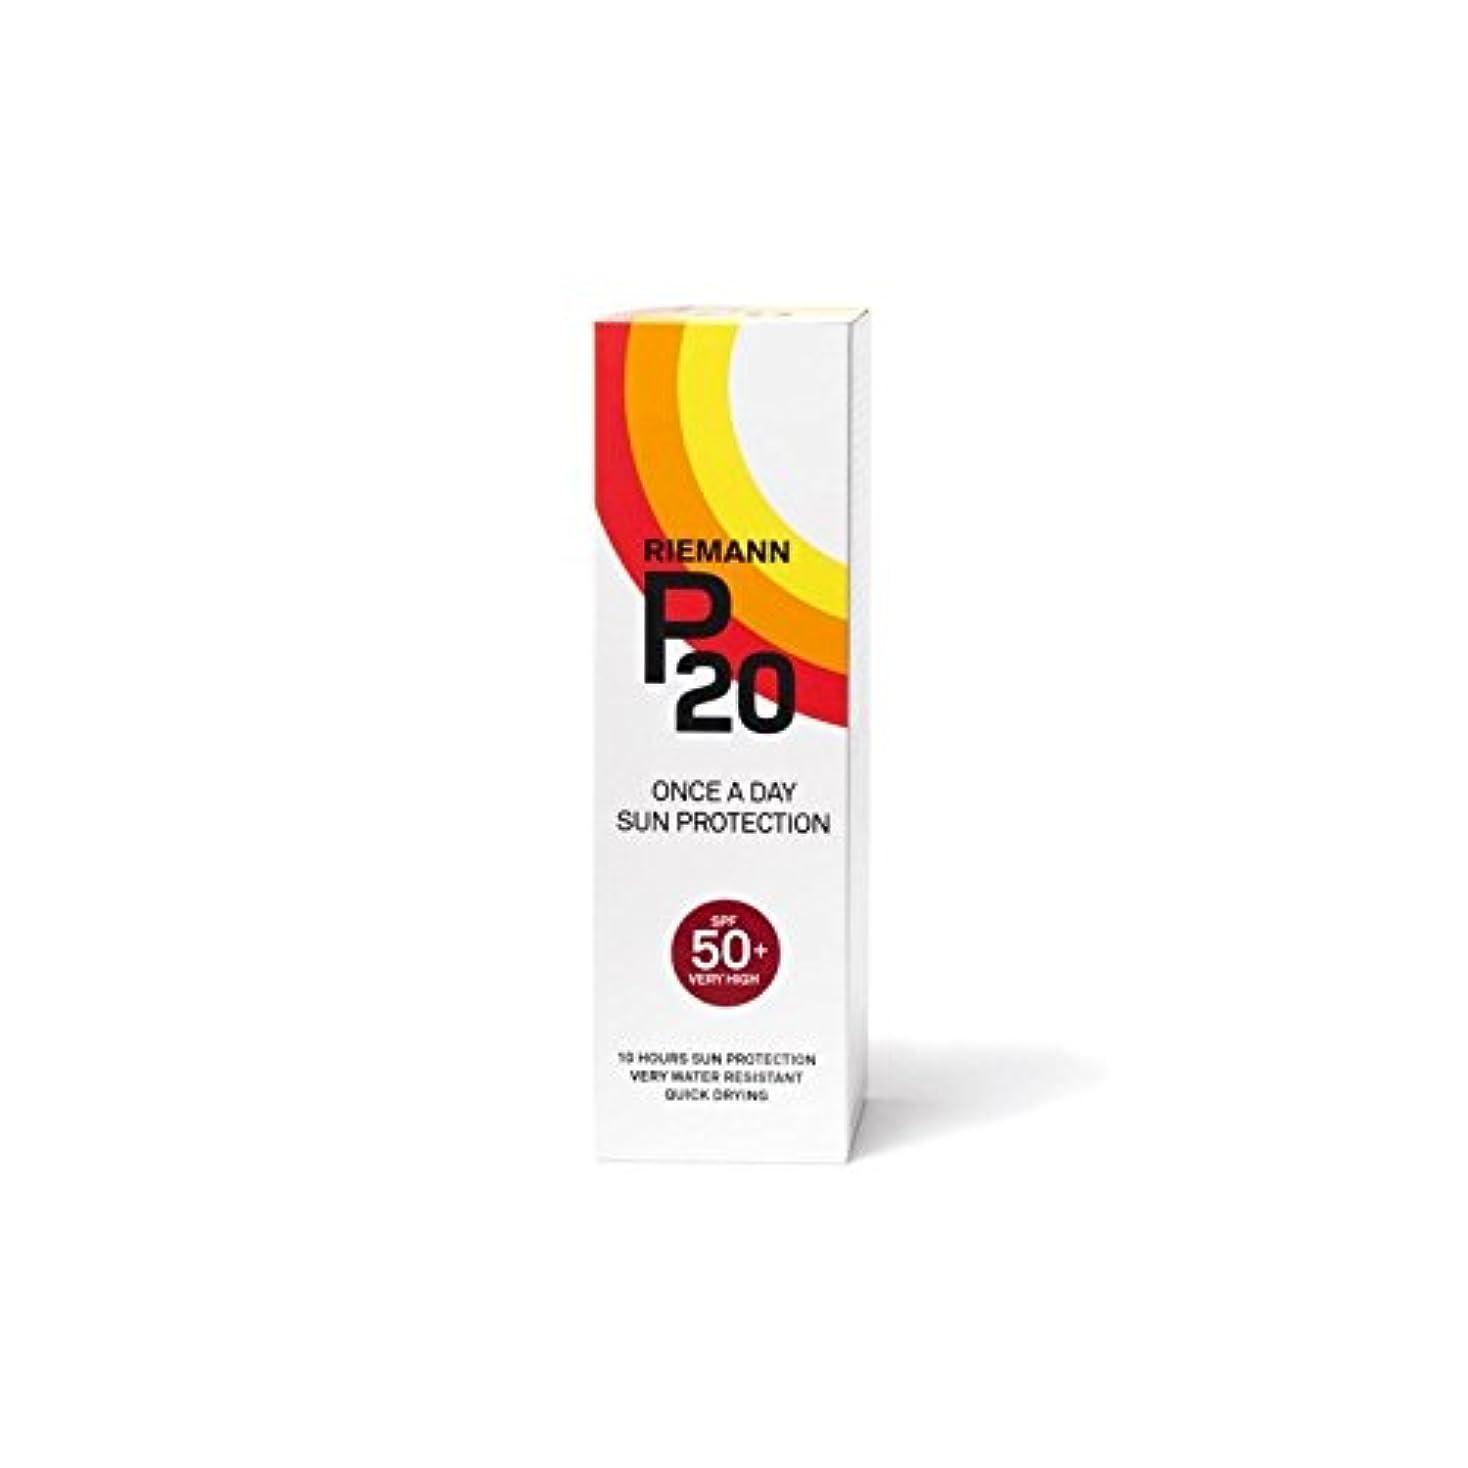 ハーブ洗剤フルートリーマン20太陽フィルター100ミリリットルの50 + x2 - Riemann P20 Sun Filter 100ml SPF50+ (Pack of 2) [並行輸入品]